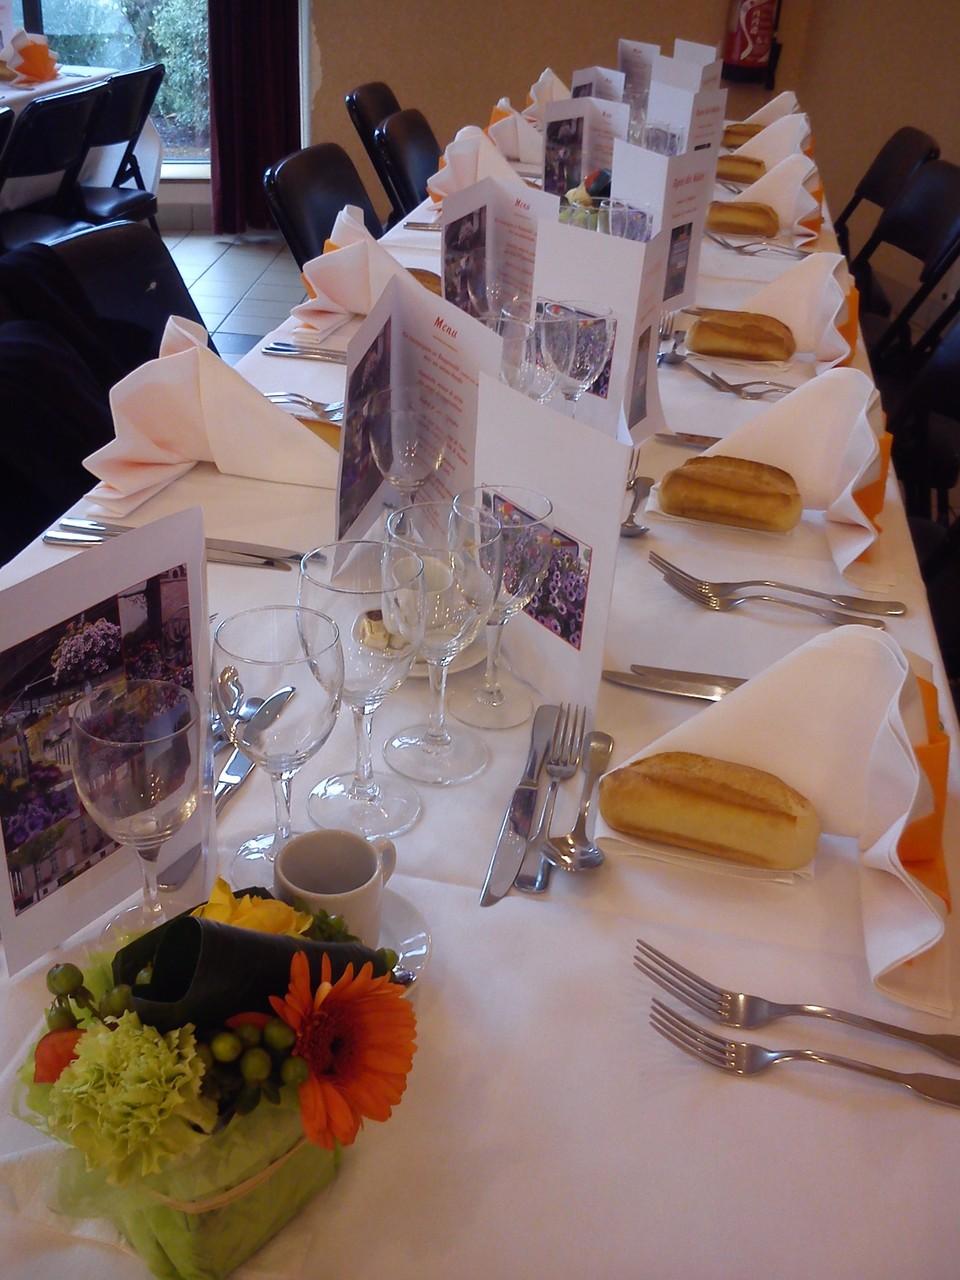 DANET TRAITEUR - Décor de table repas des ainés